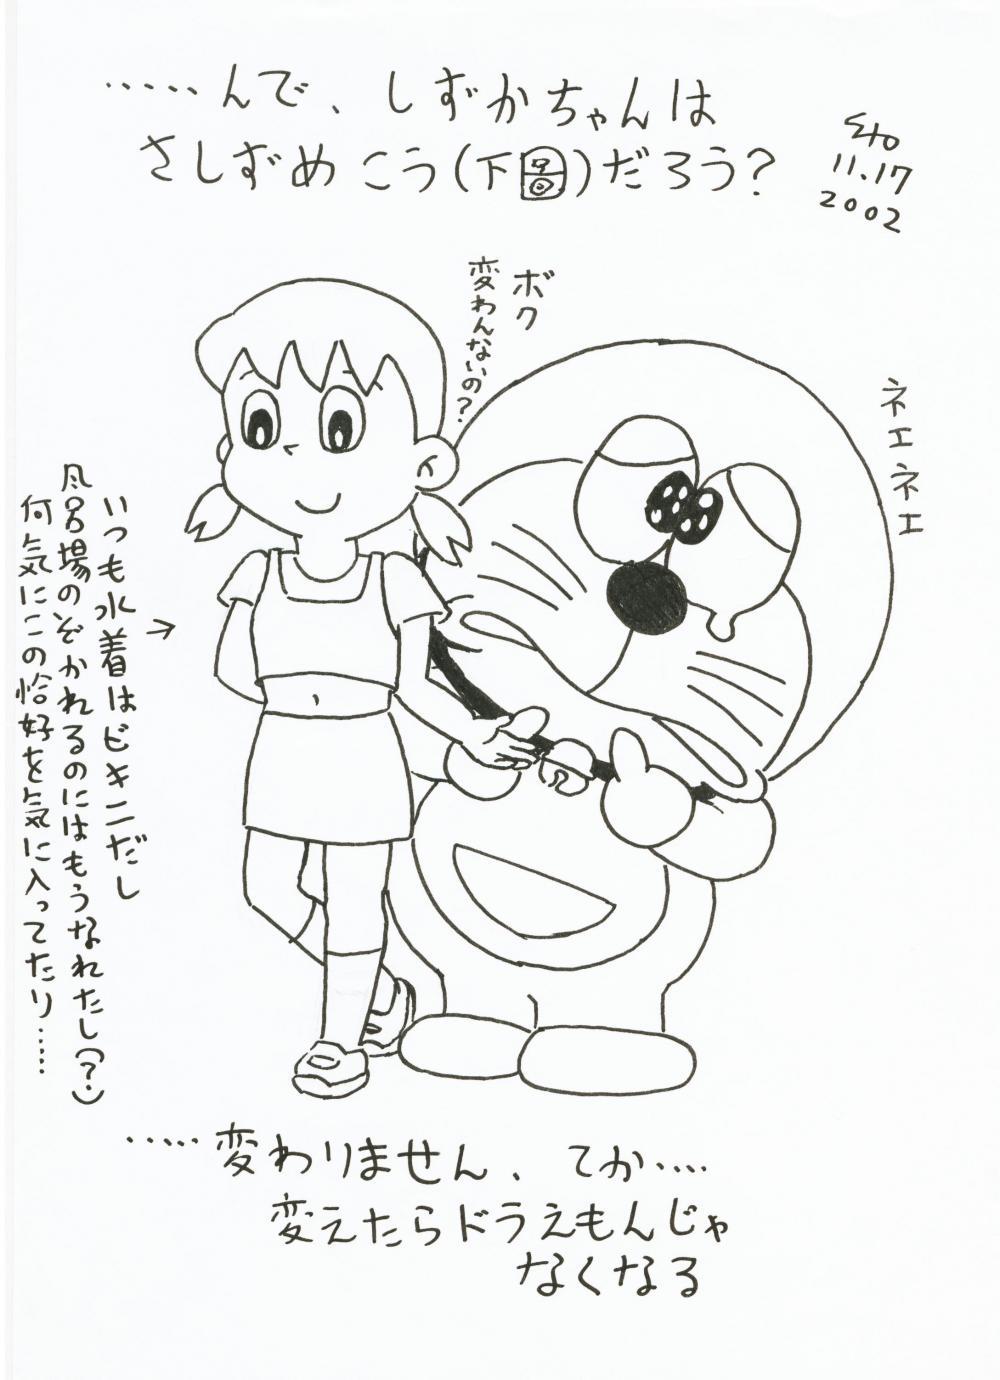 今風ドラえもん 2002/11/17